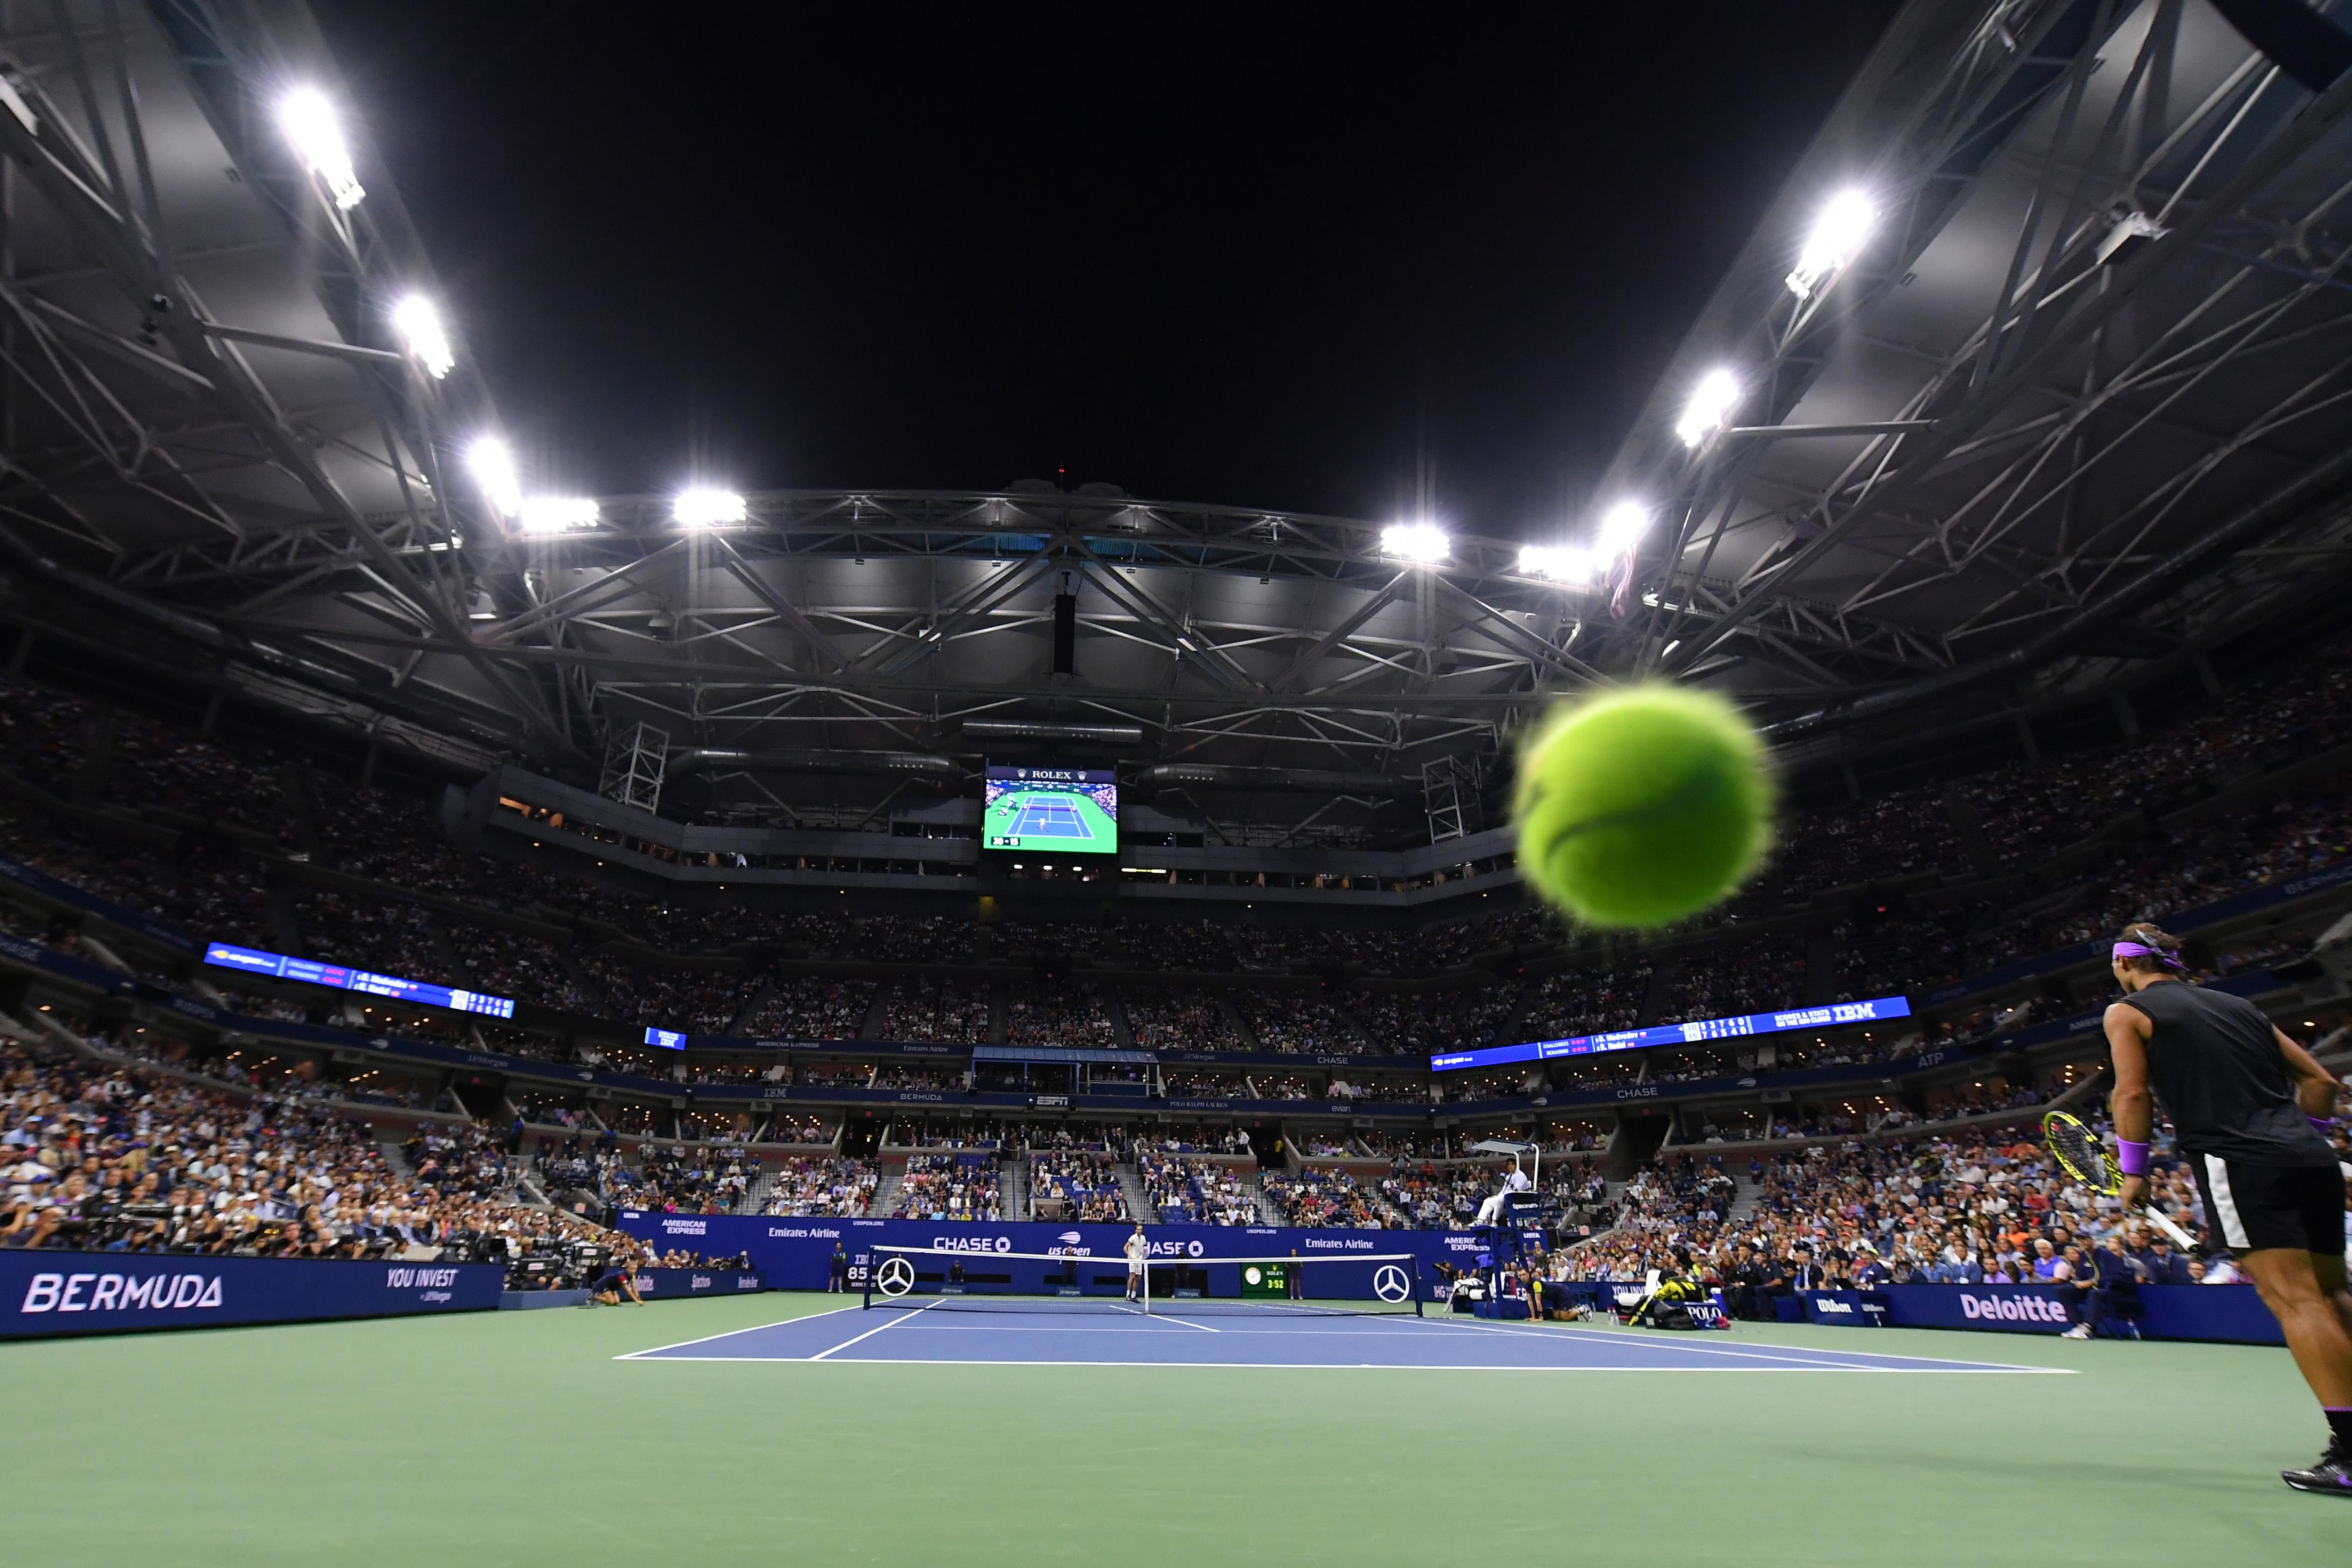 L'US Open opte pour une surface plus lente